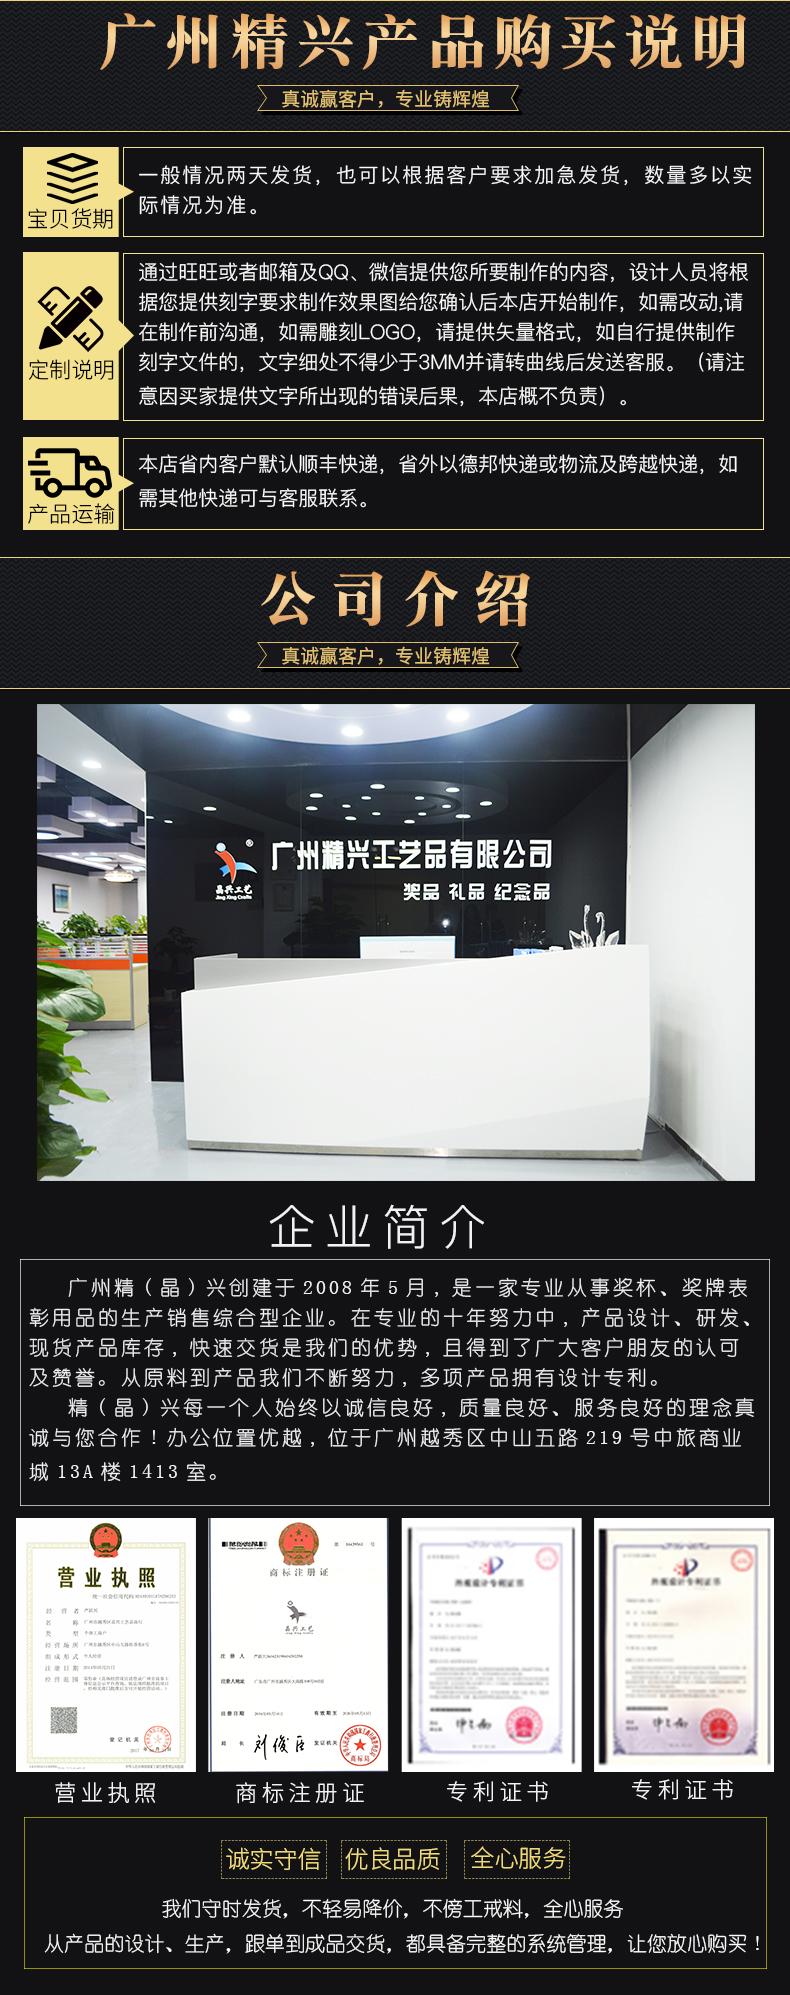 学校运动会比赛水晶奖杯 广州水晶奖杯订制104286895